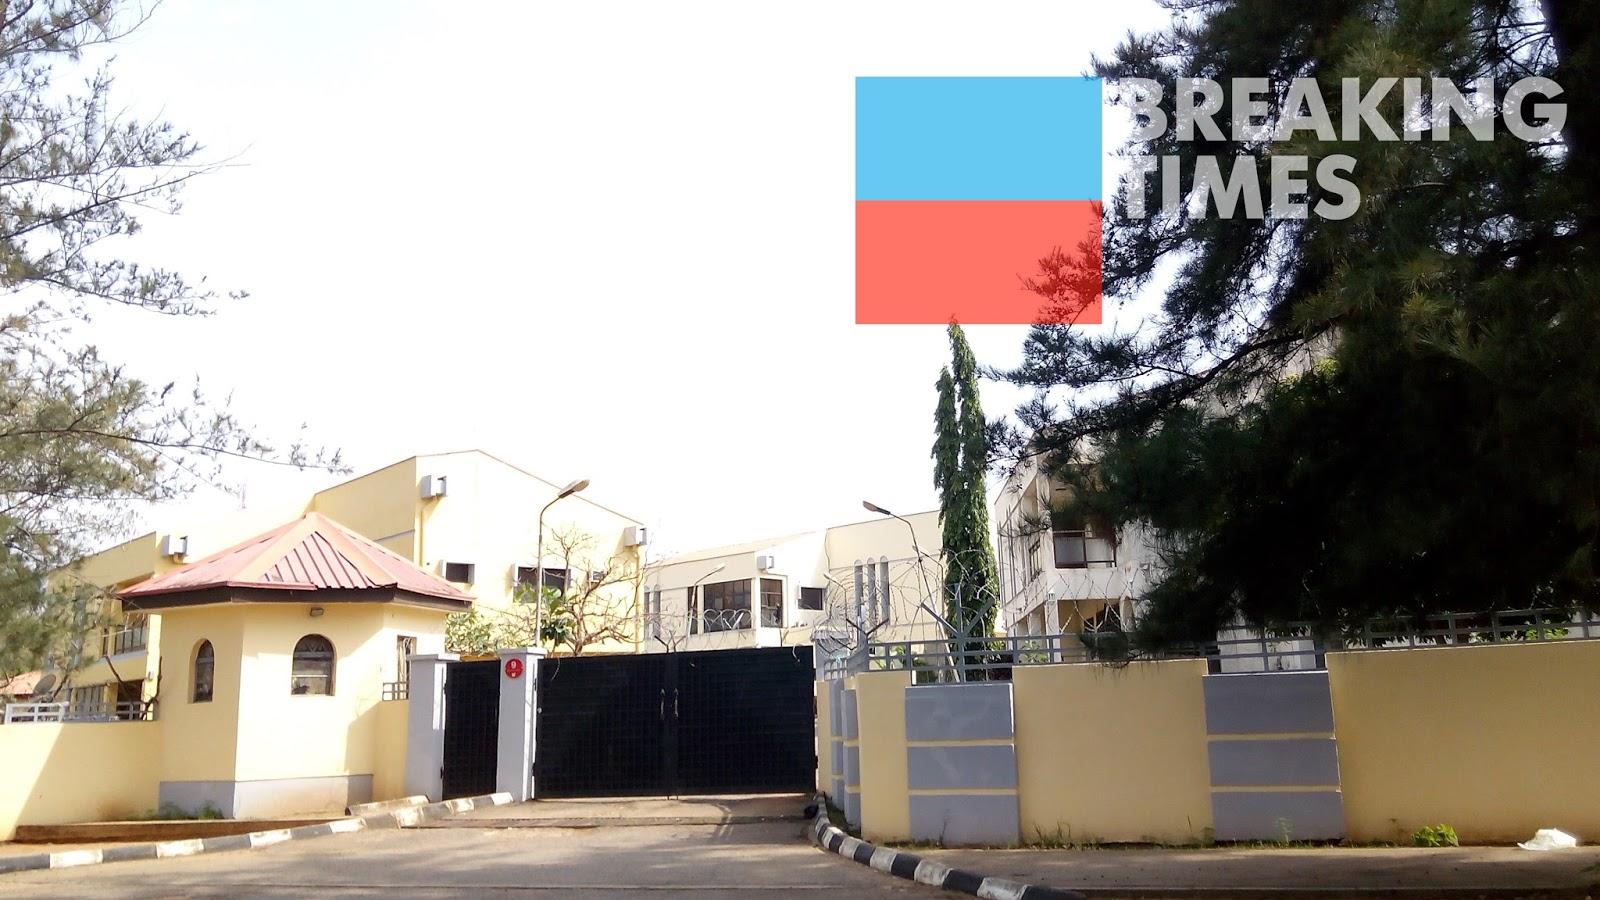 Buhari mansion in abuja nigeria exposed